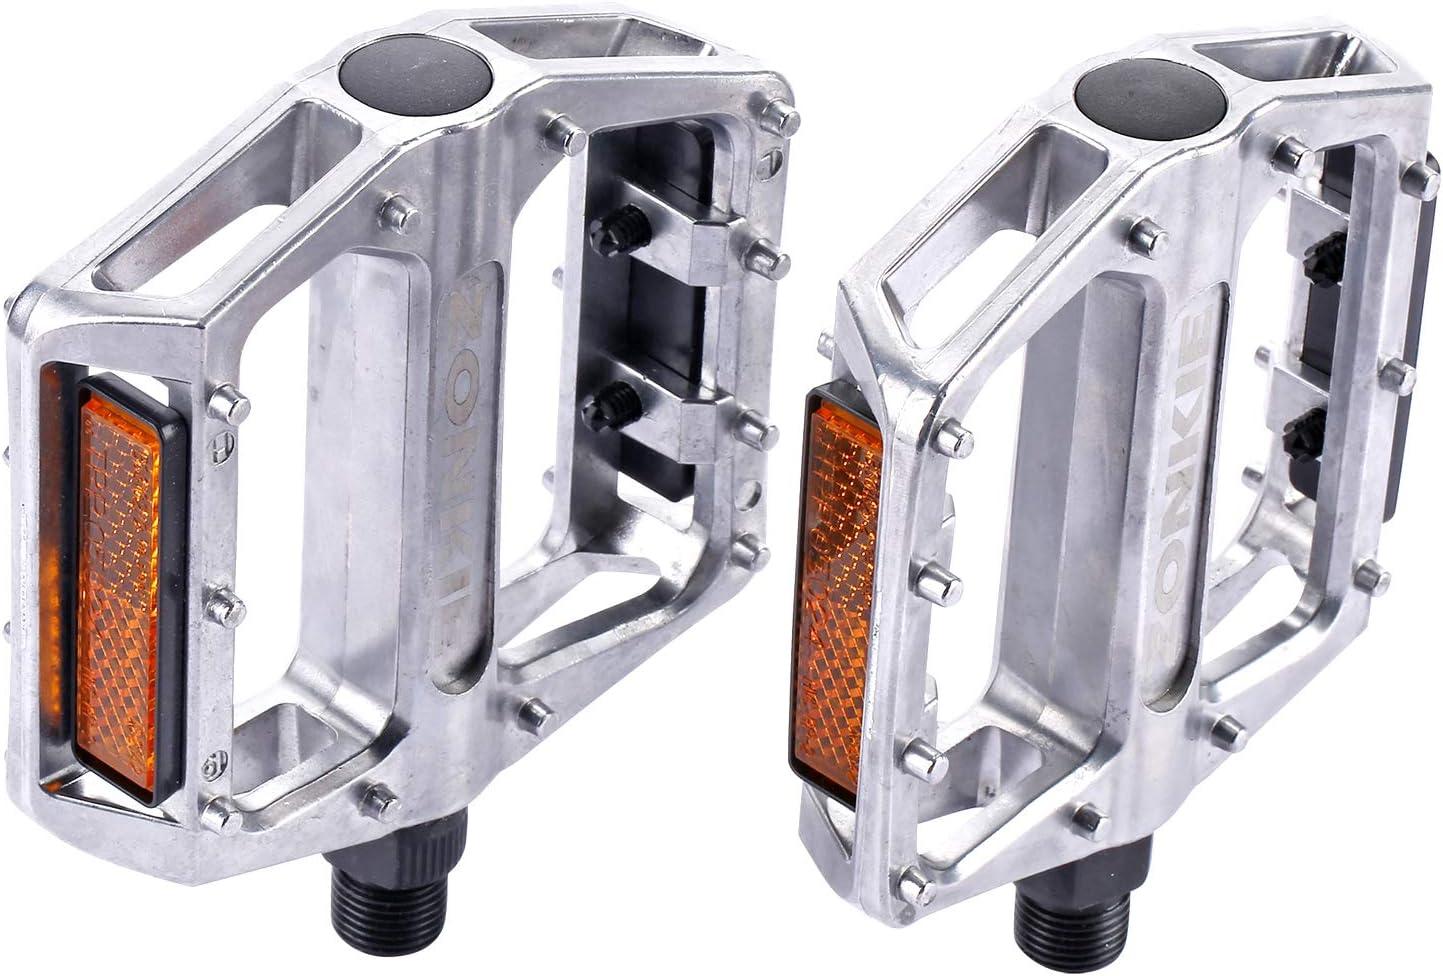 bicicletas de monta/ña pedales de aleaci/ón de aluminio plataforma rodamientos sellados eje 9//16 ZONKIE Bicicleta pedales